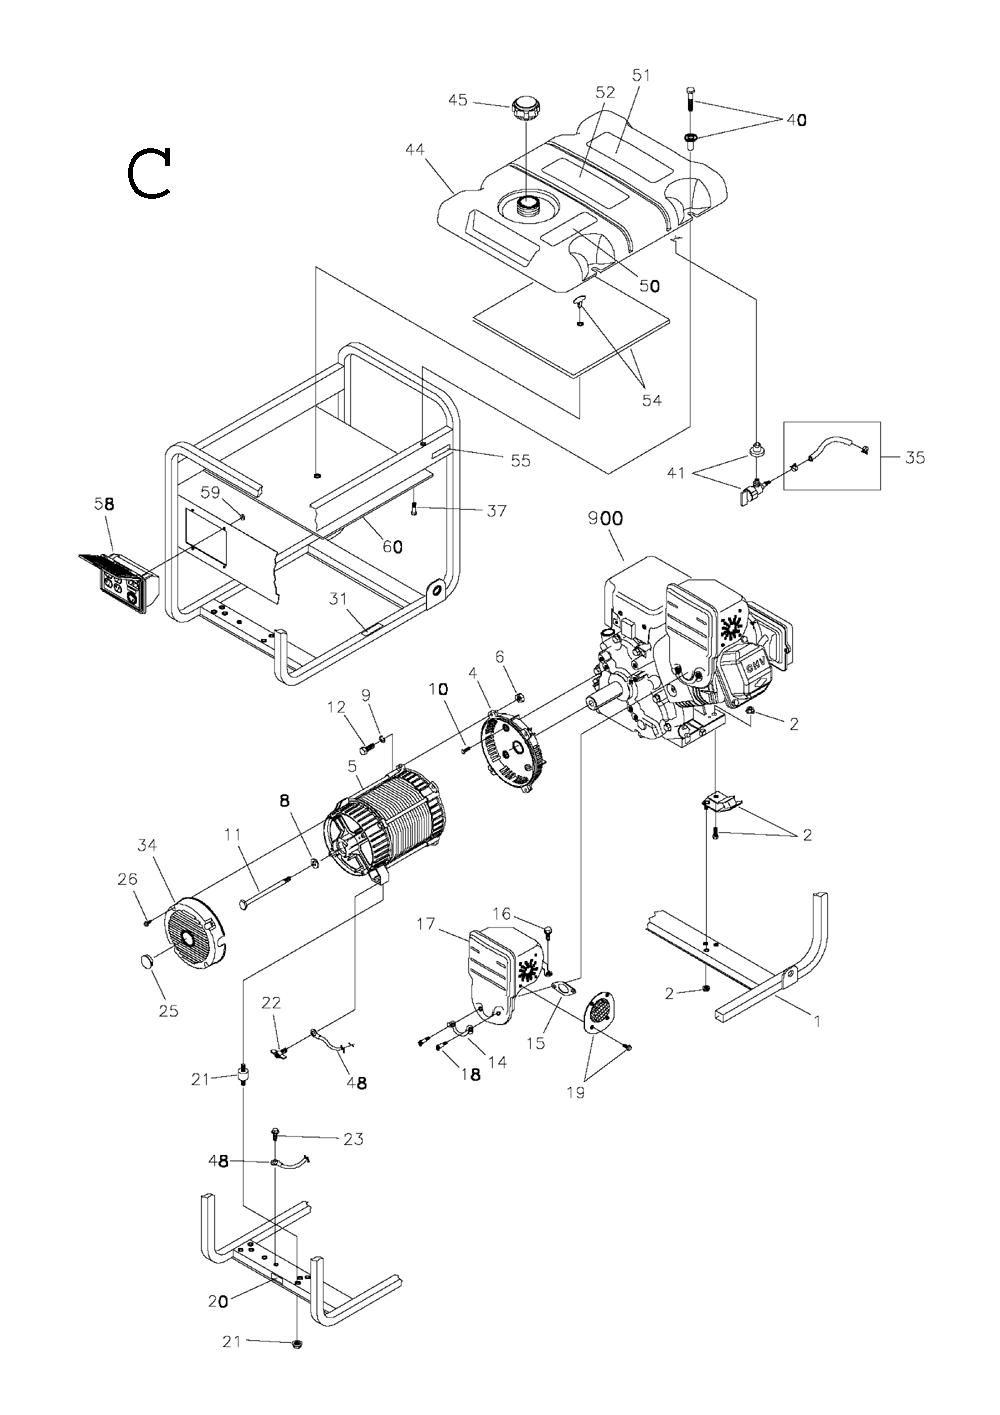 030209-2-BriggsandStratton-PB-2Break Down